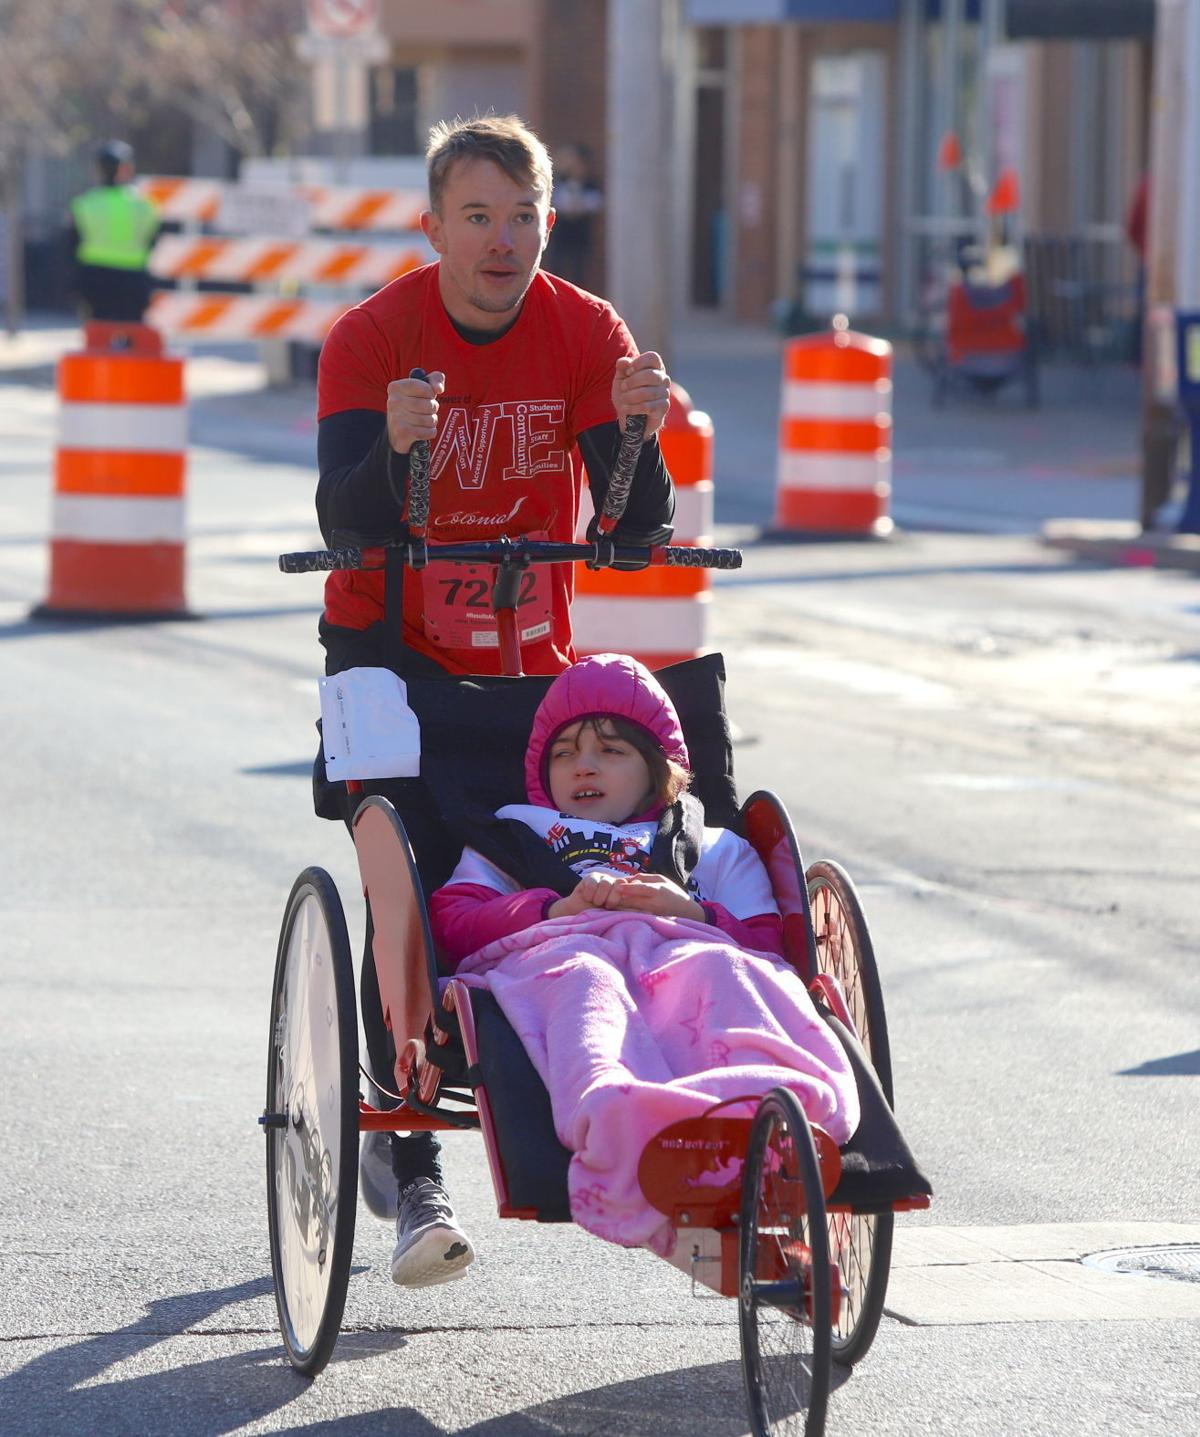 More Than 700 Run In Annual Main Street Mile